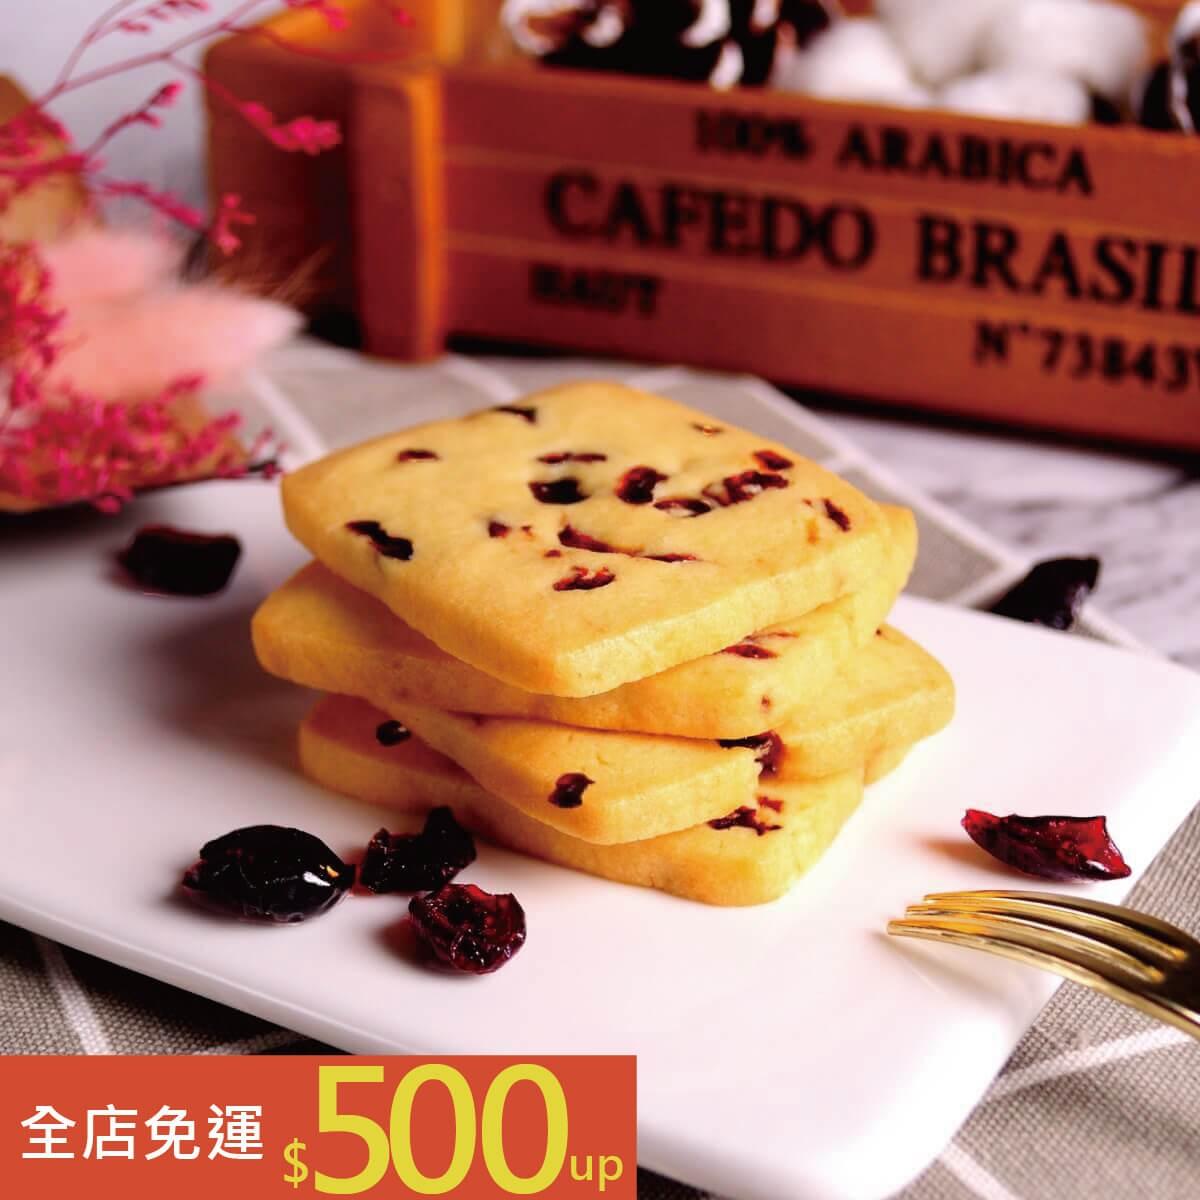 【滿500免運】綜合餅乾2入隨手包/蔓越莓/伯爵茶/帕瑪森起司餅乾